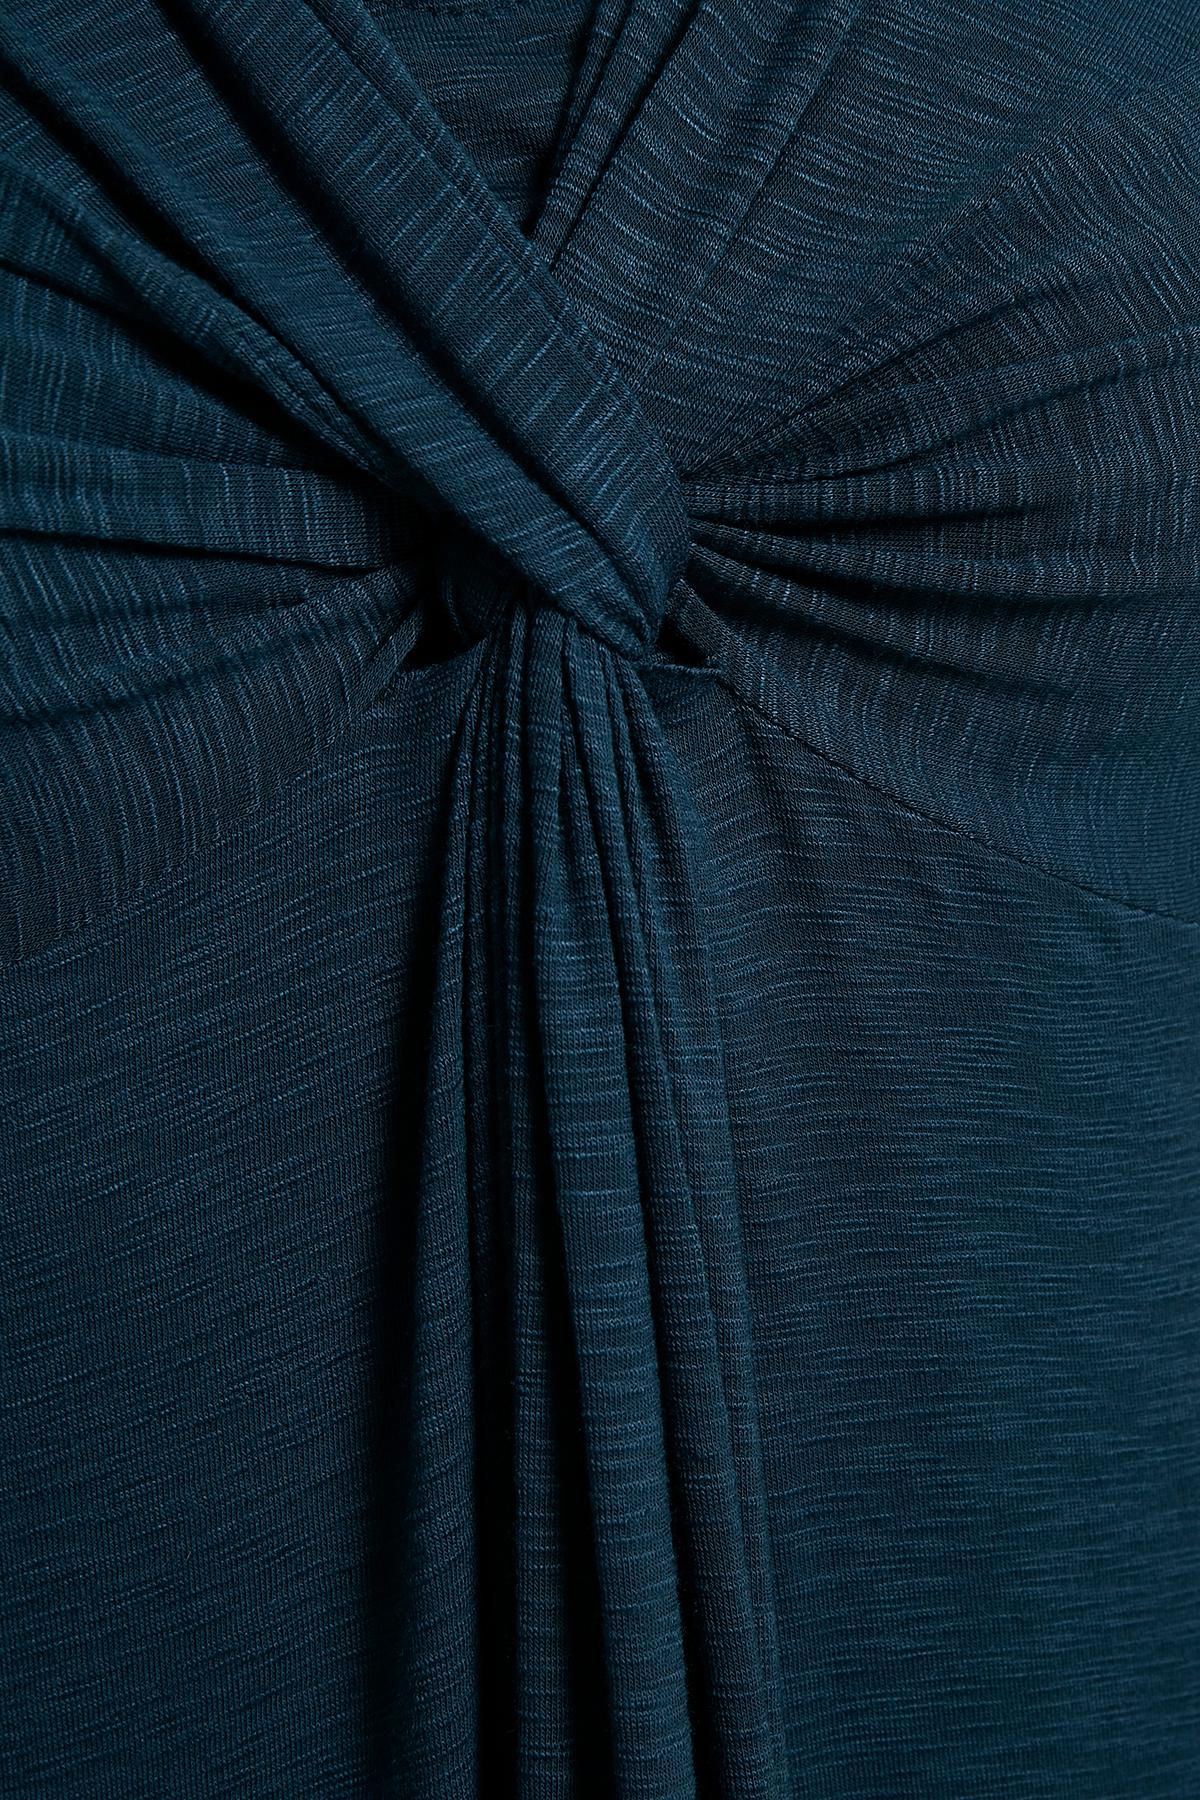 Blauw Jurk van Bon'A Parte – Door Blauw Jurk van maat. S-2XL hier